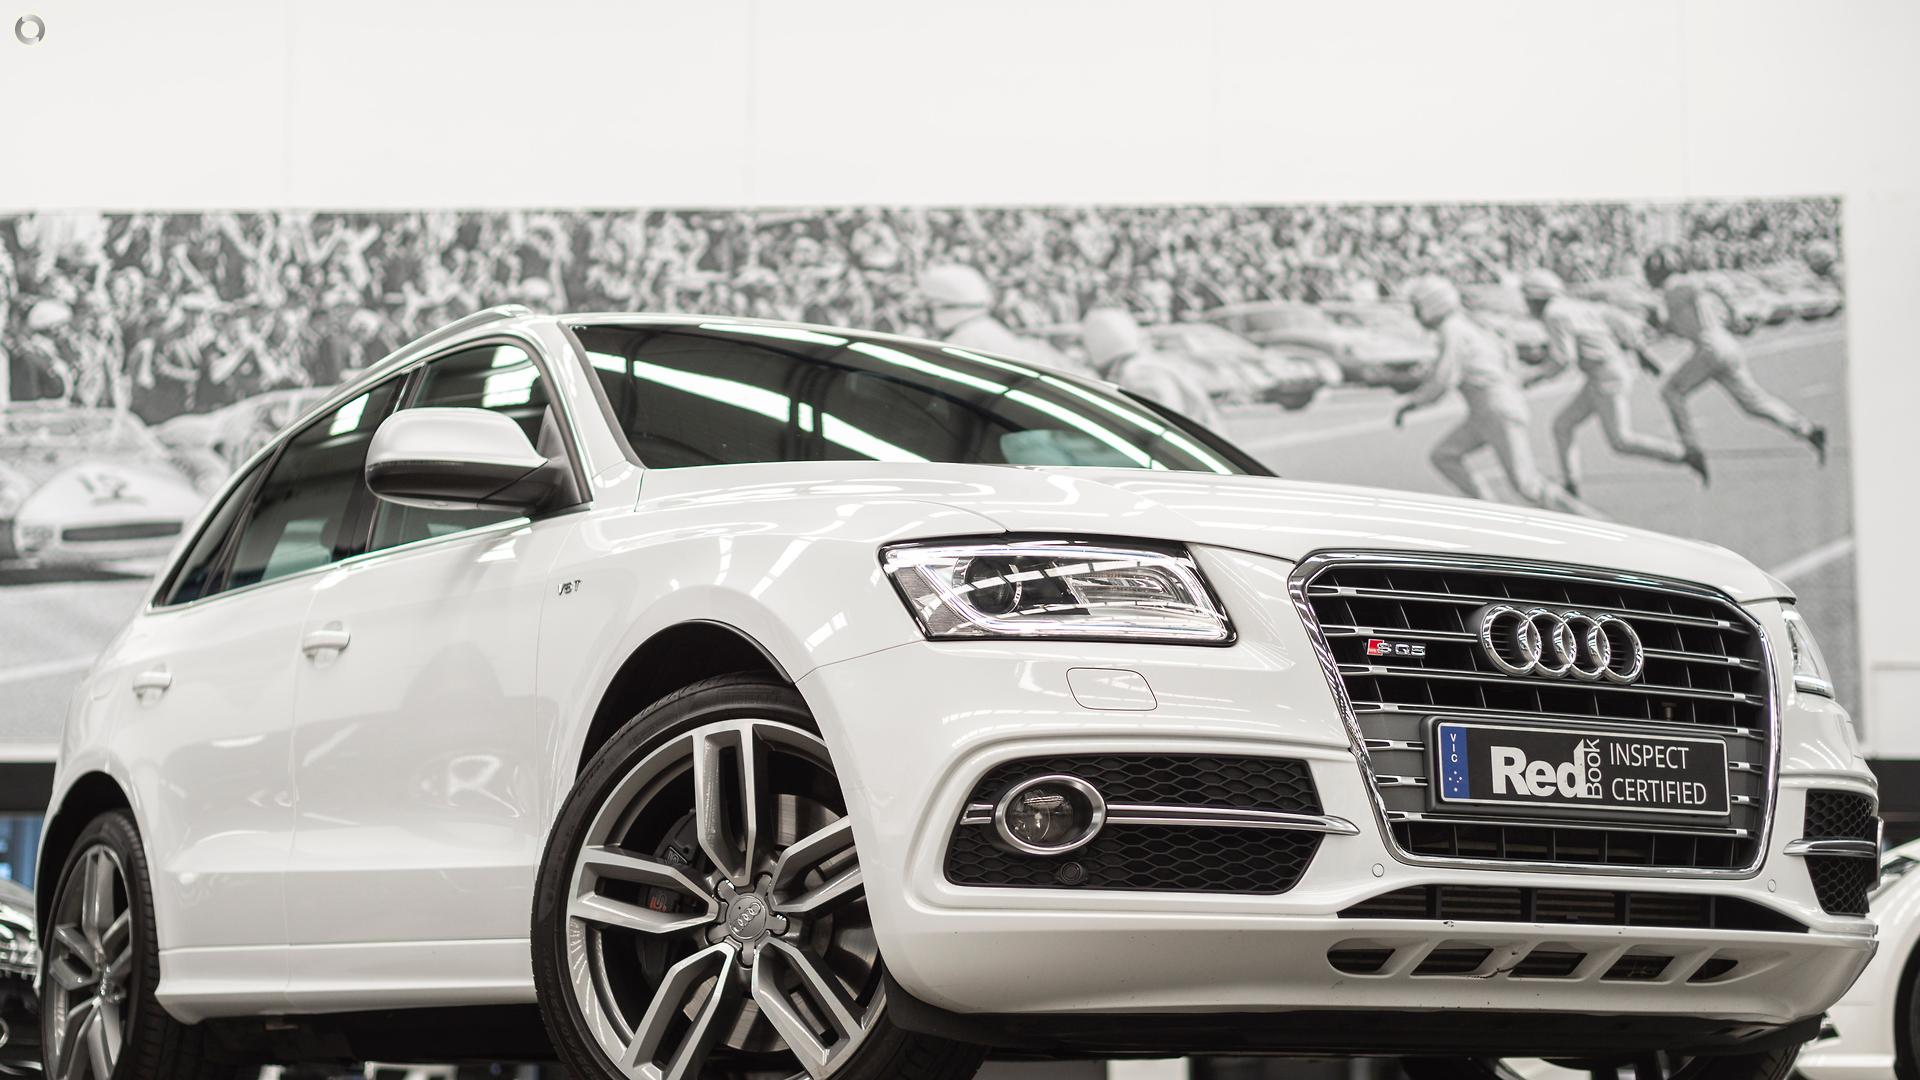 2014 Audi SQ5 8R